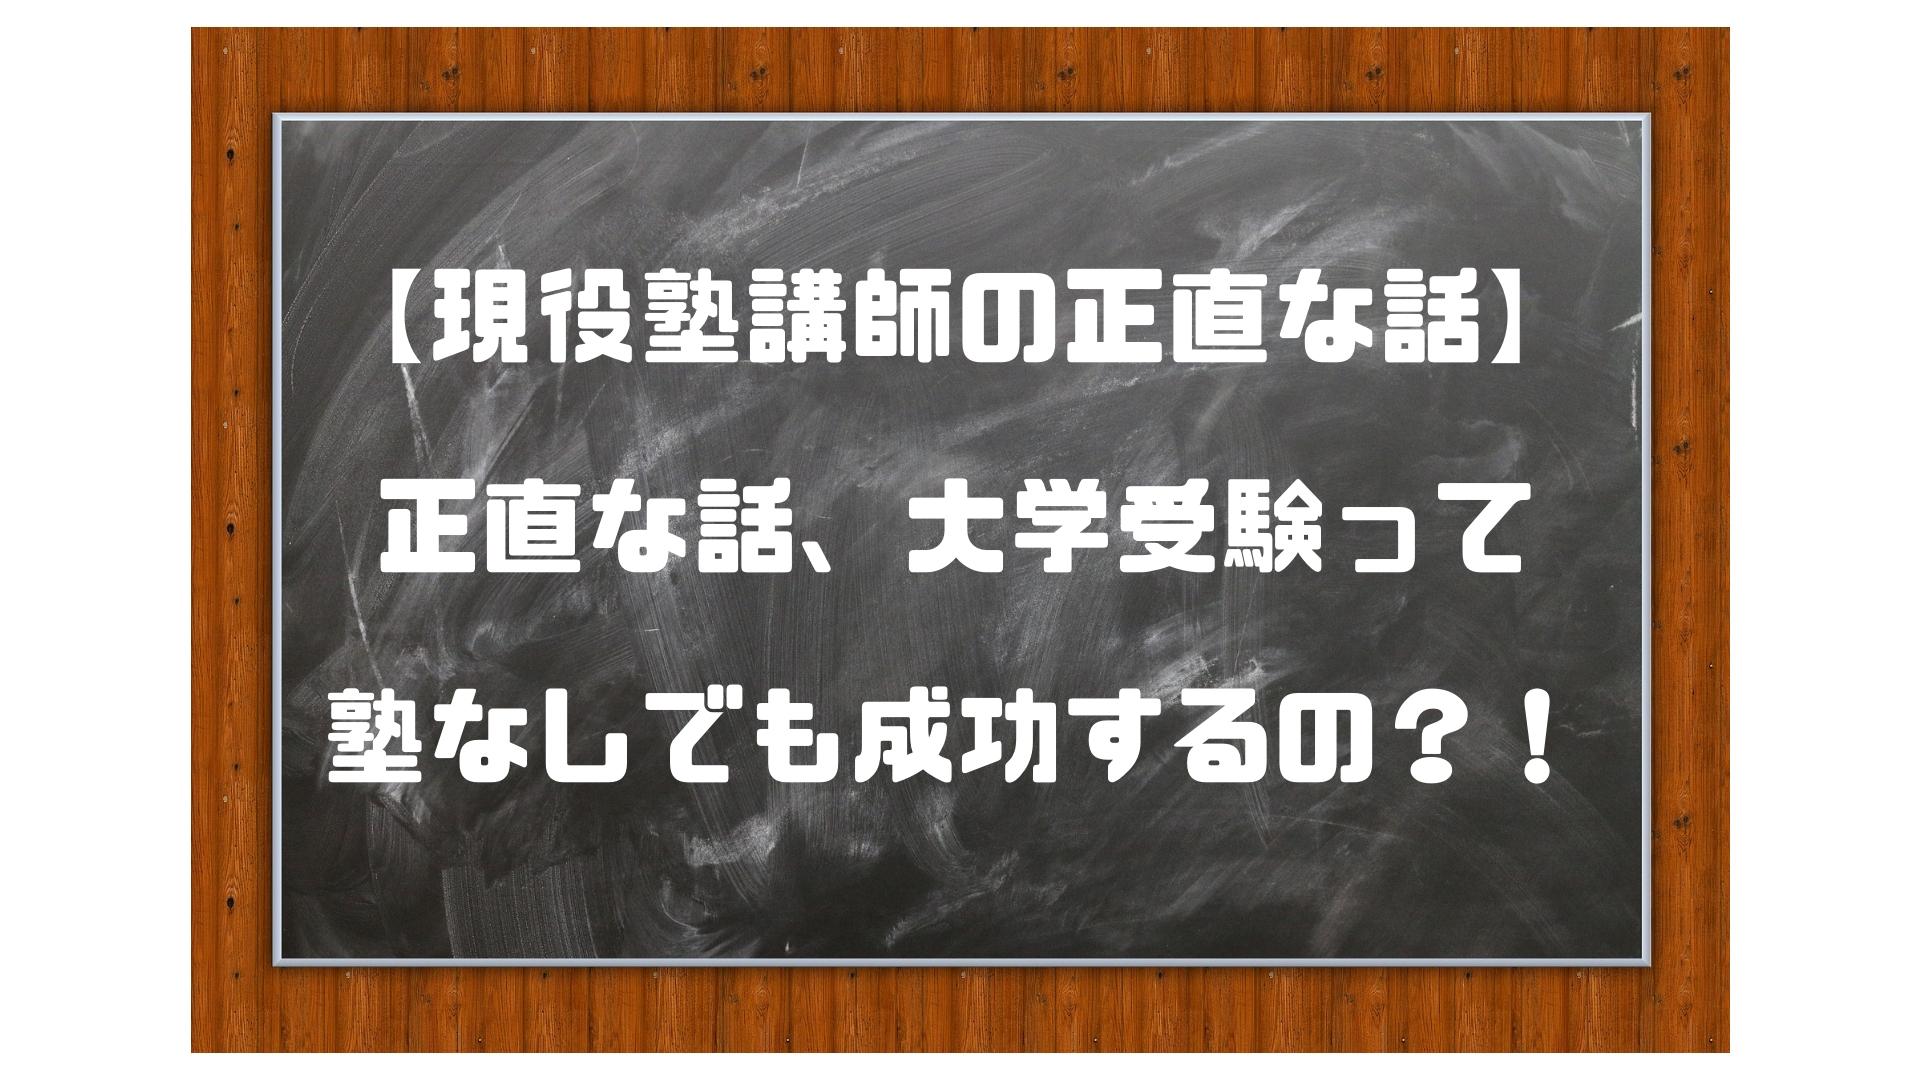 大学受験は塾なしでも成功するのか?!